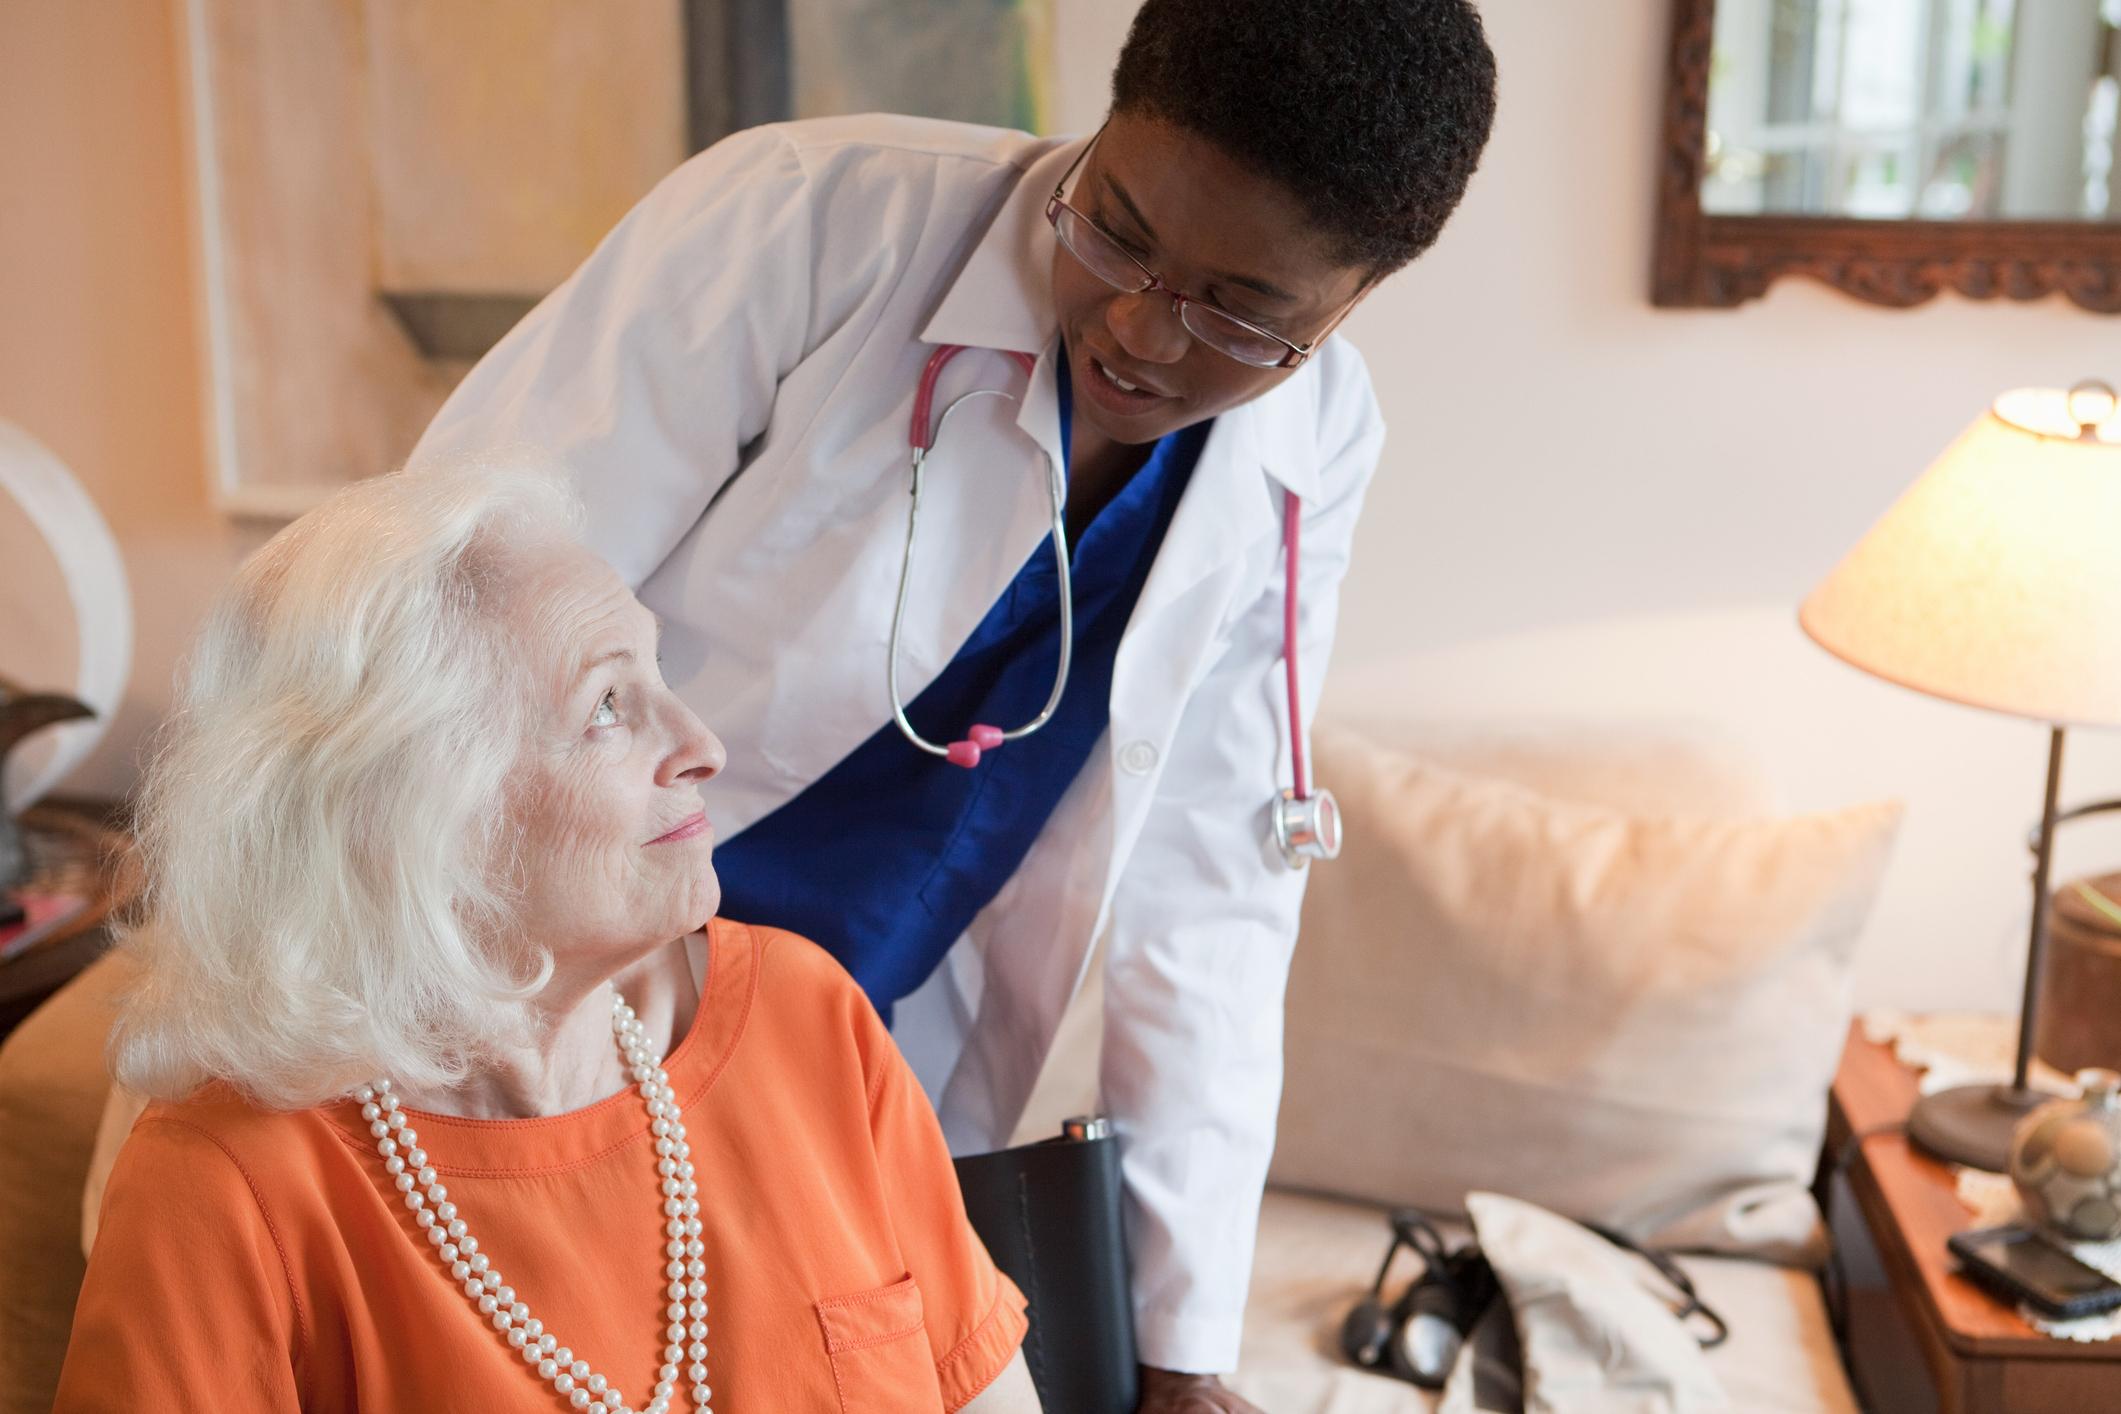 Healthcare worker helping patient.